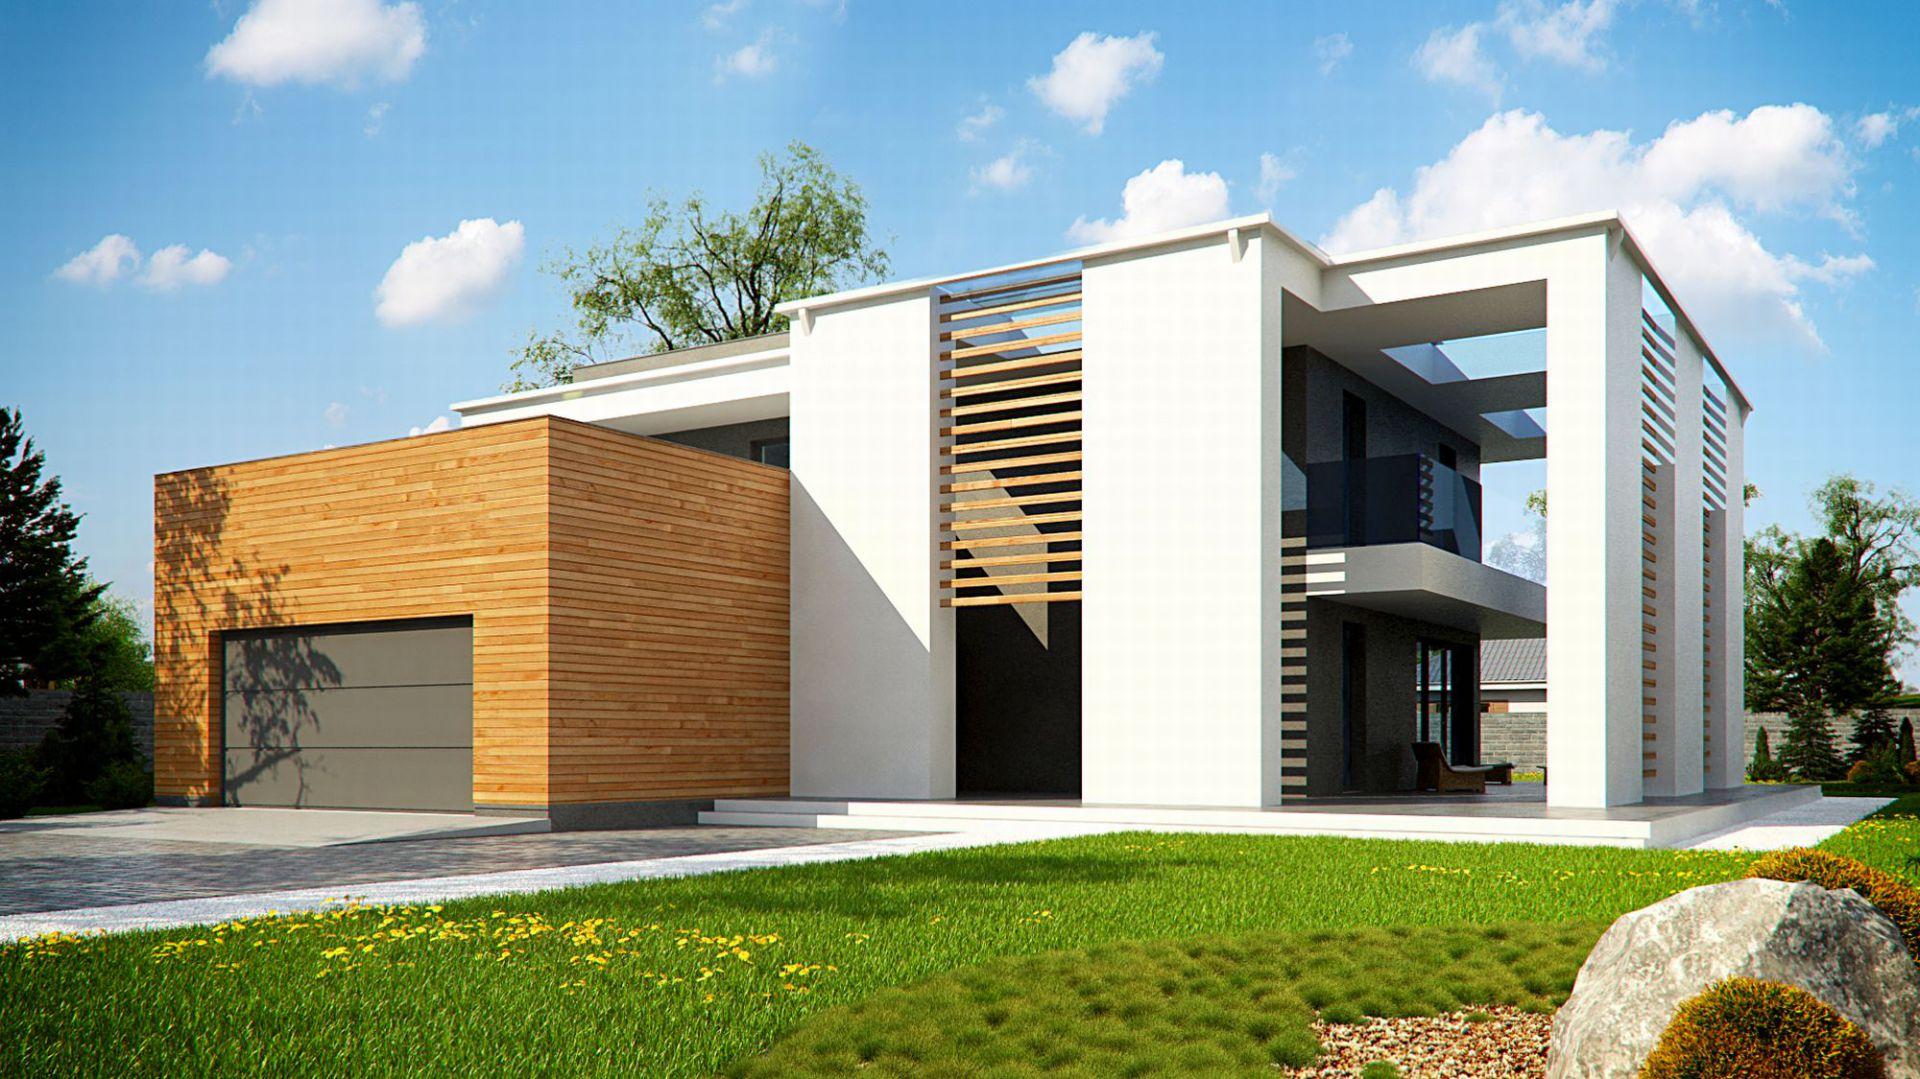 Domy w stylu minimalistycznym. Projekt: Zx75. Fot. Z500